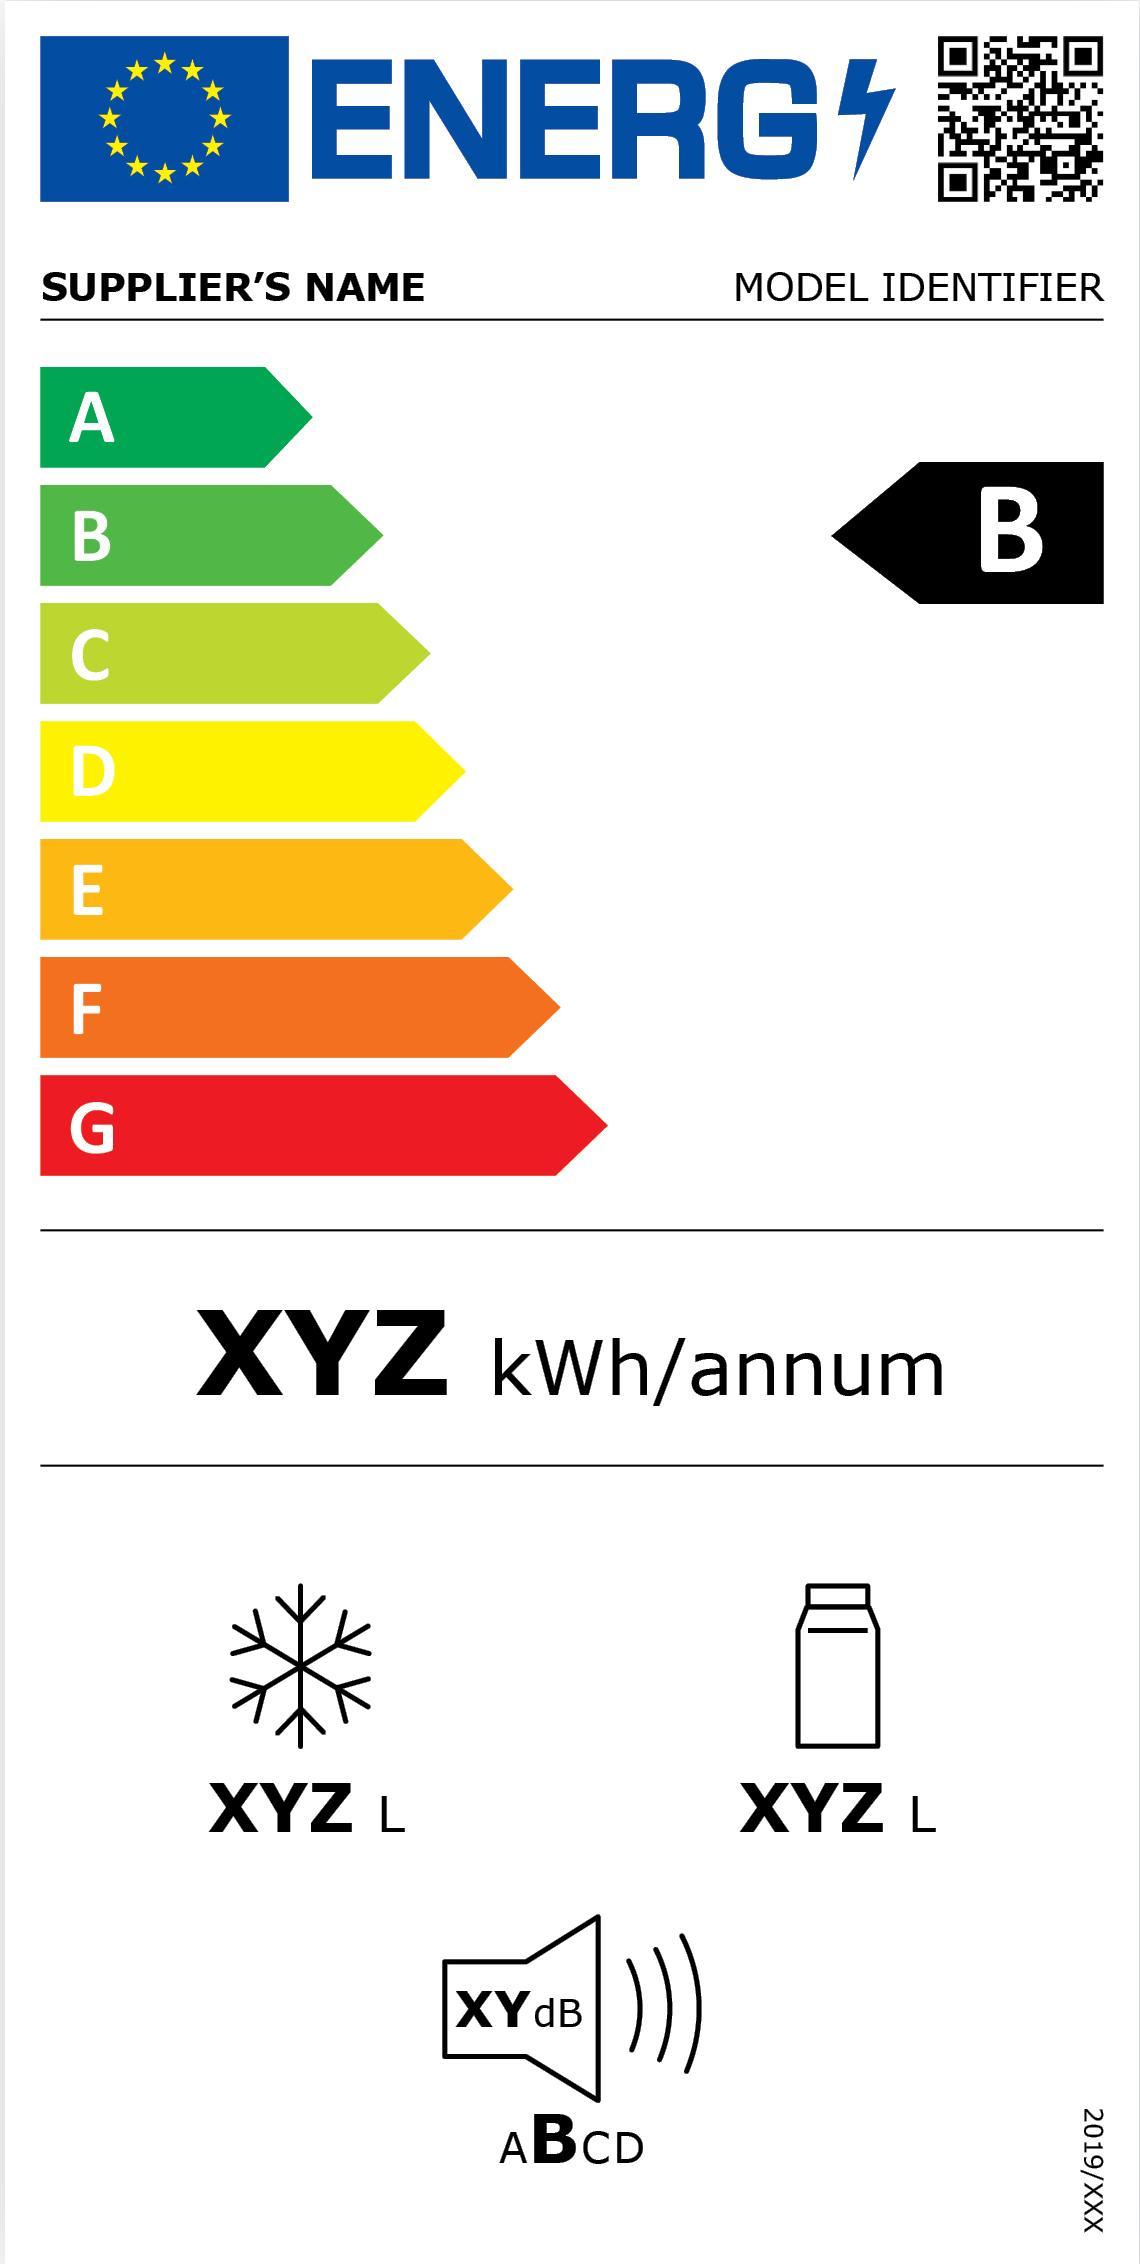 hűtők energiacímke 2021